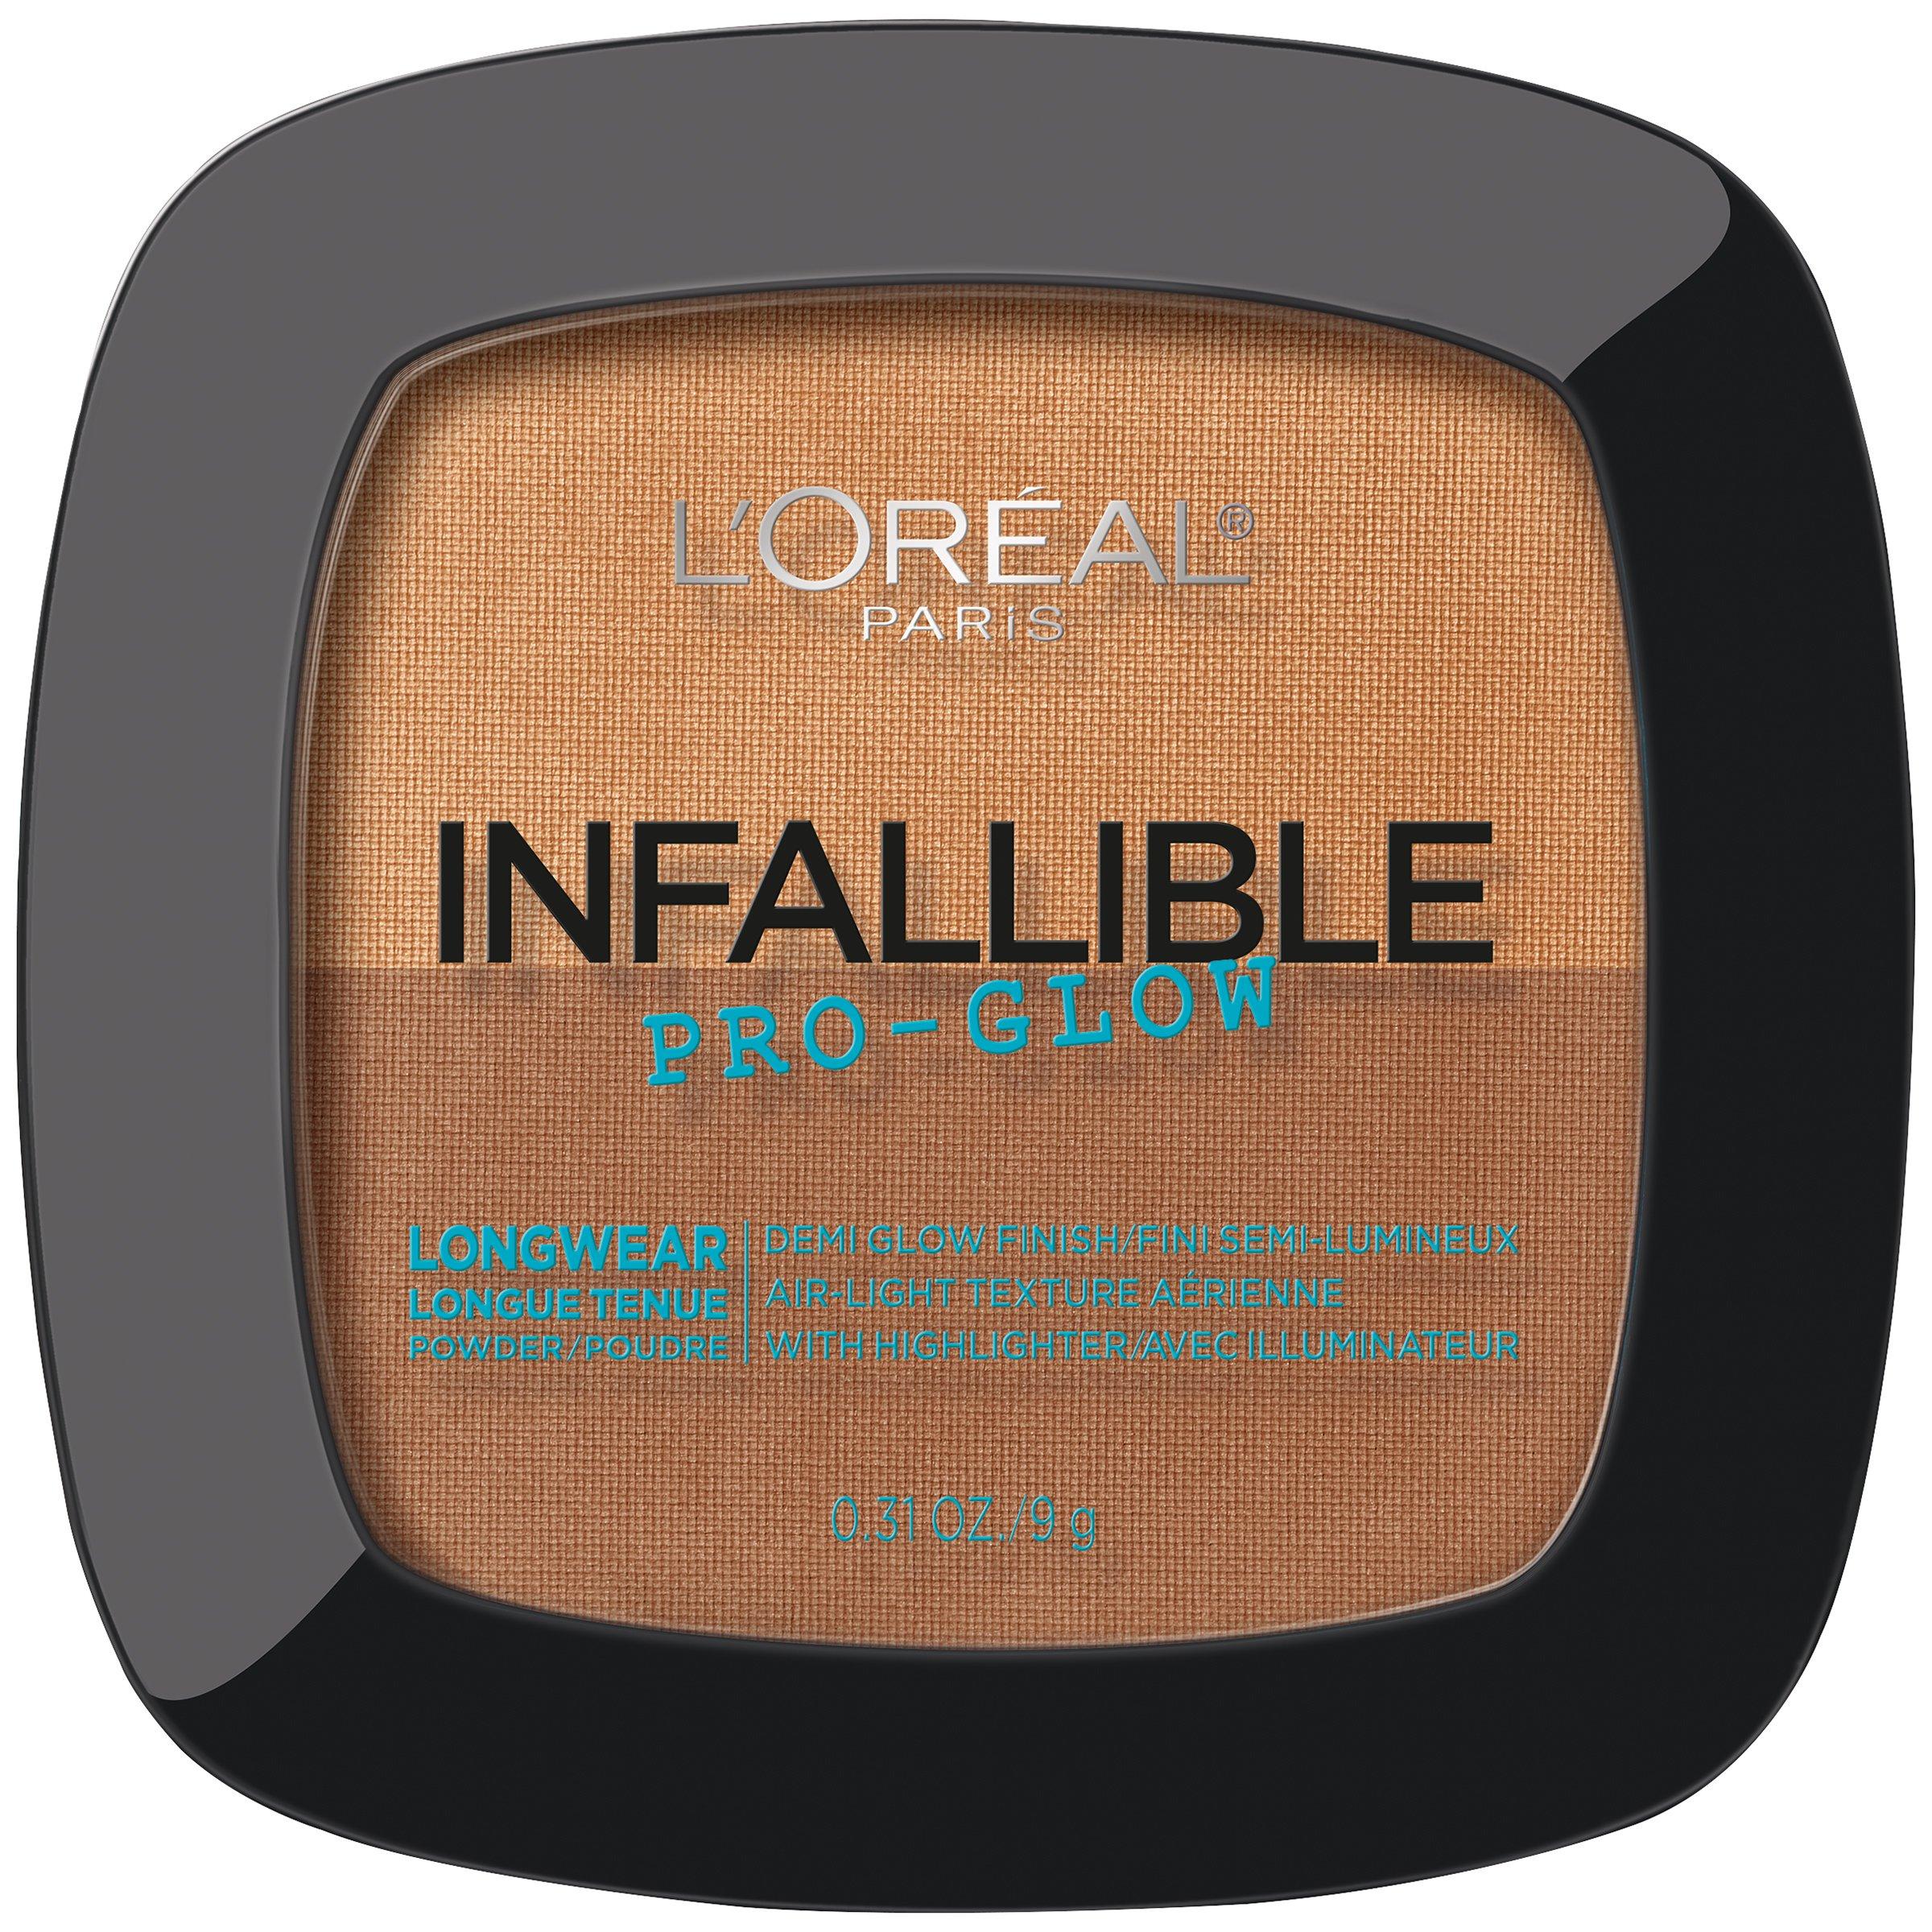 L'Oréal Paris Infallible Pro Glow Pressed Powder, Cocoa, 0.31 oz.